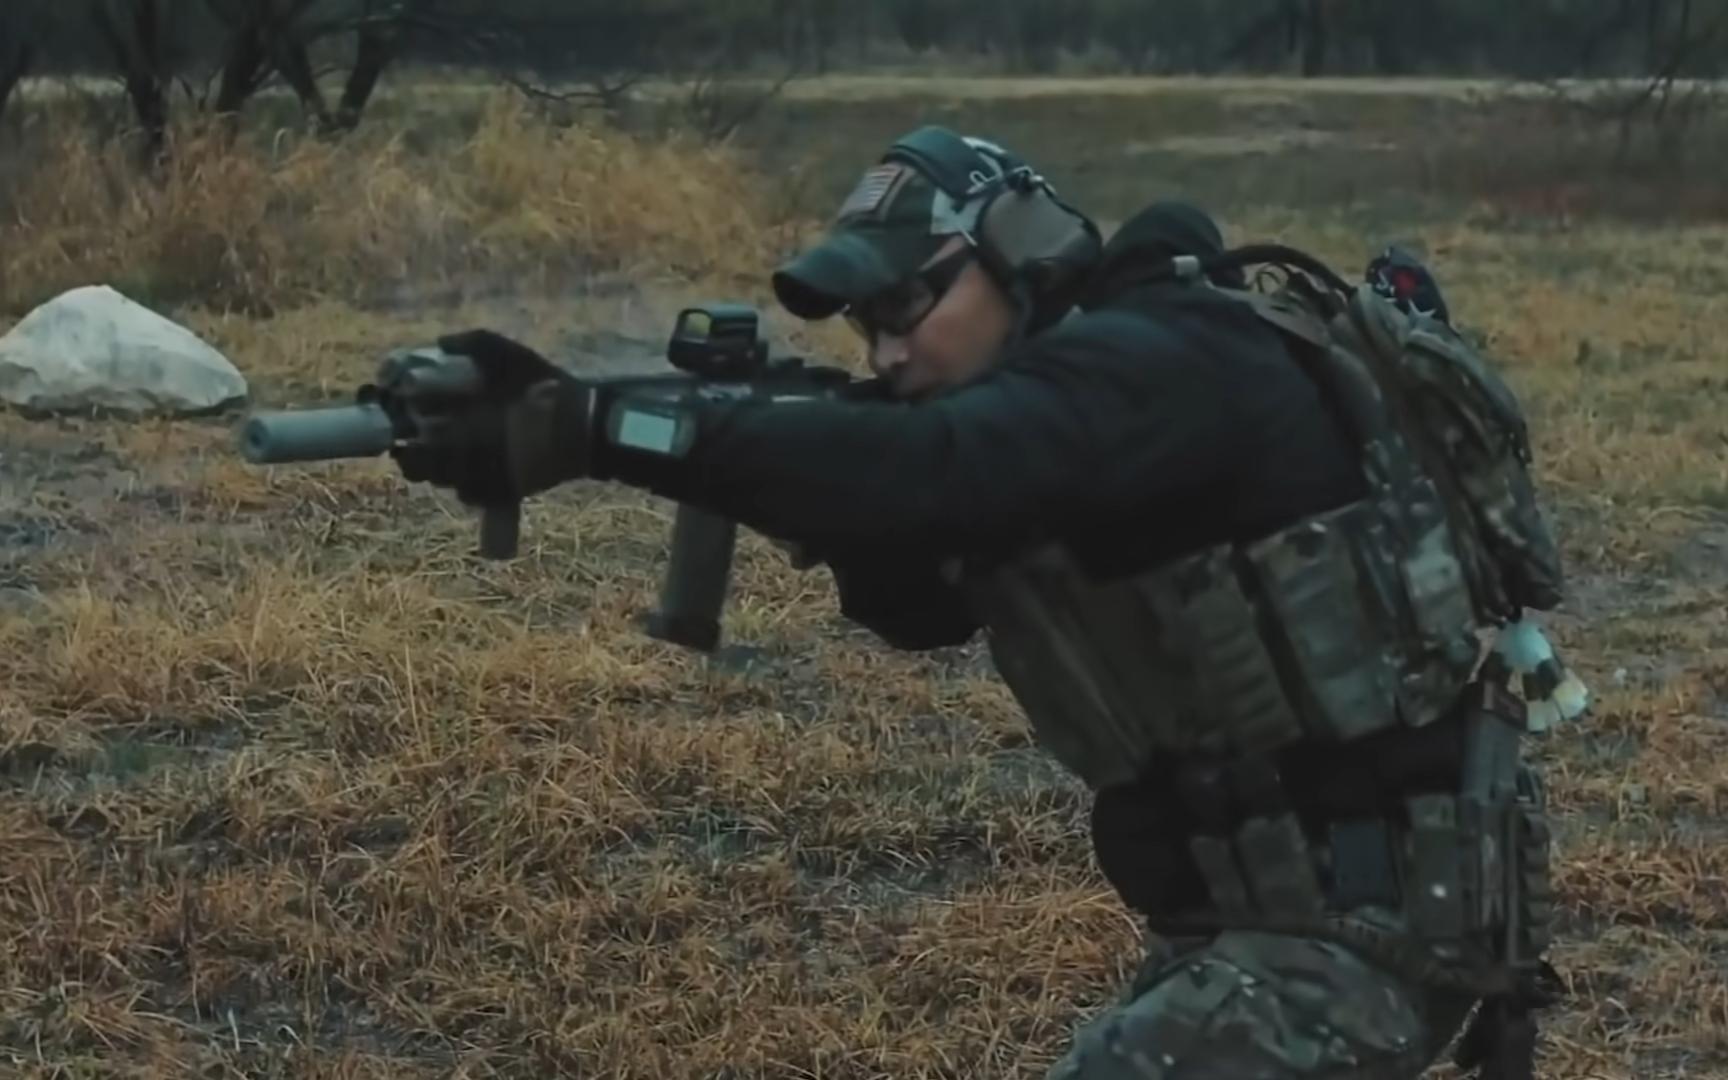 【中字】【Rōnin】和浪人一起聊聊战斗步枪训练